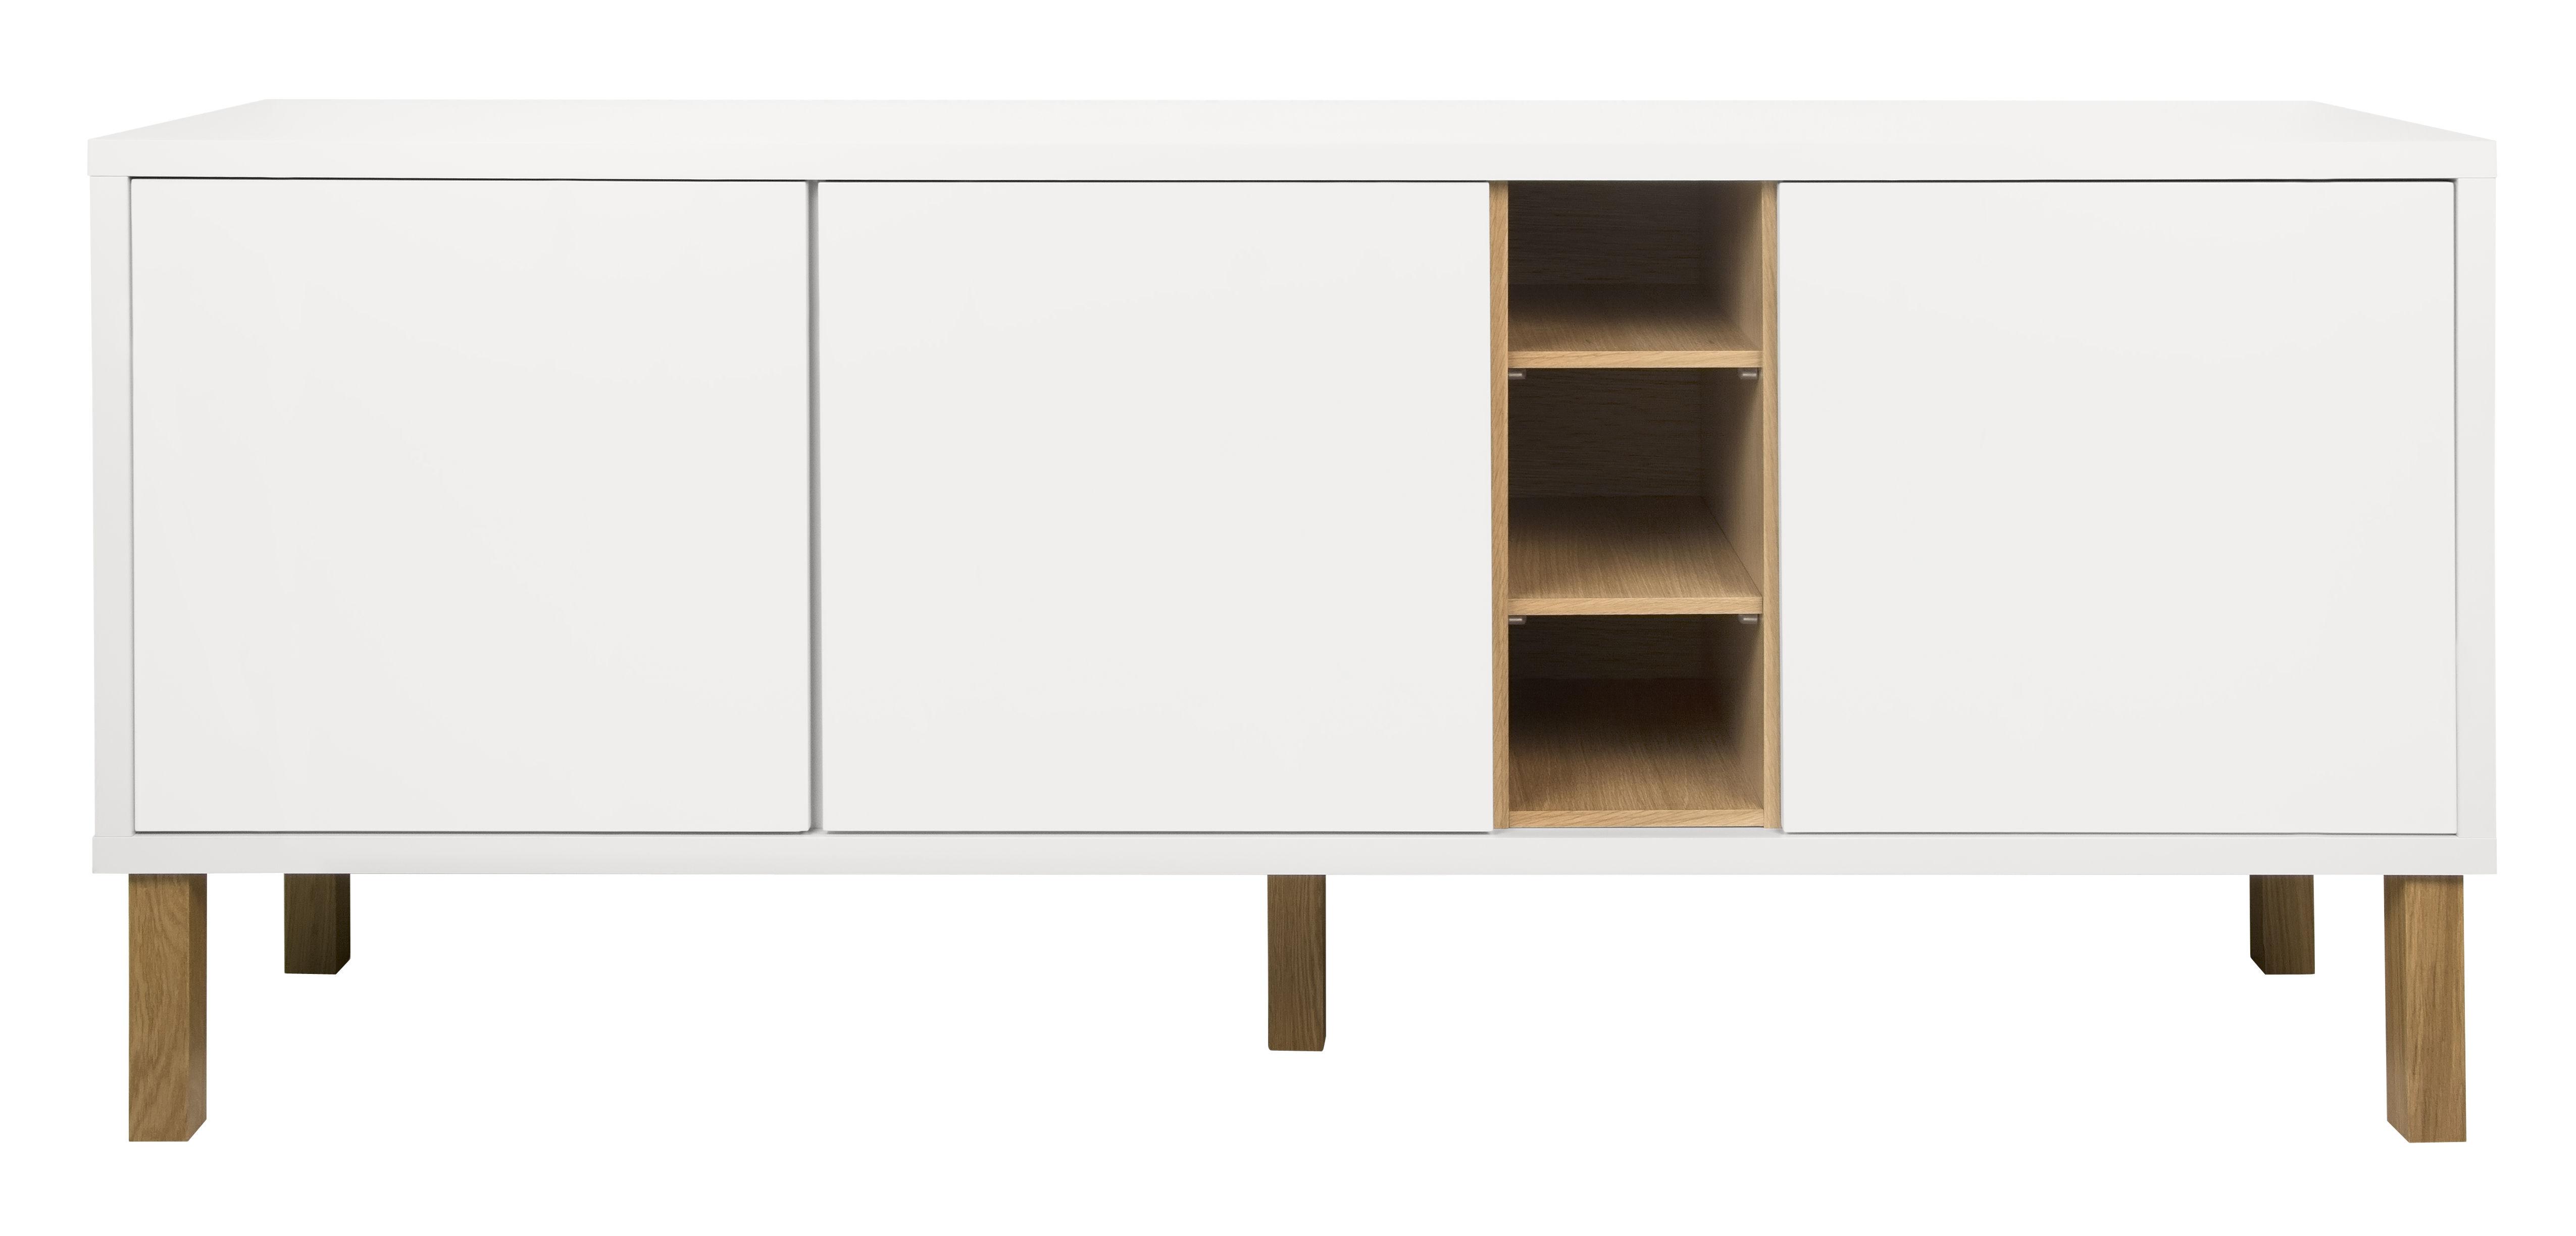 Möbel - Kommode und Anrichte - Cove Anrichte / niedrig - L 179 cm x H 77 cm - POP UP HOME - Weiß / Eiche - massive Eiche, Placage chêne, Spanplatte, bemalt